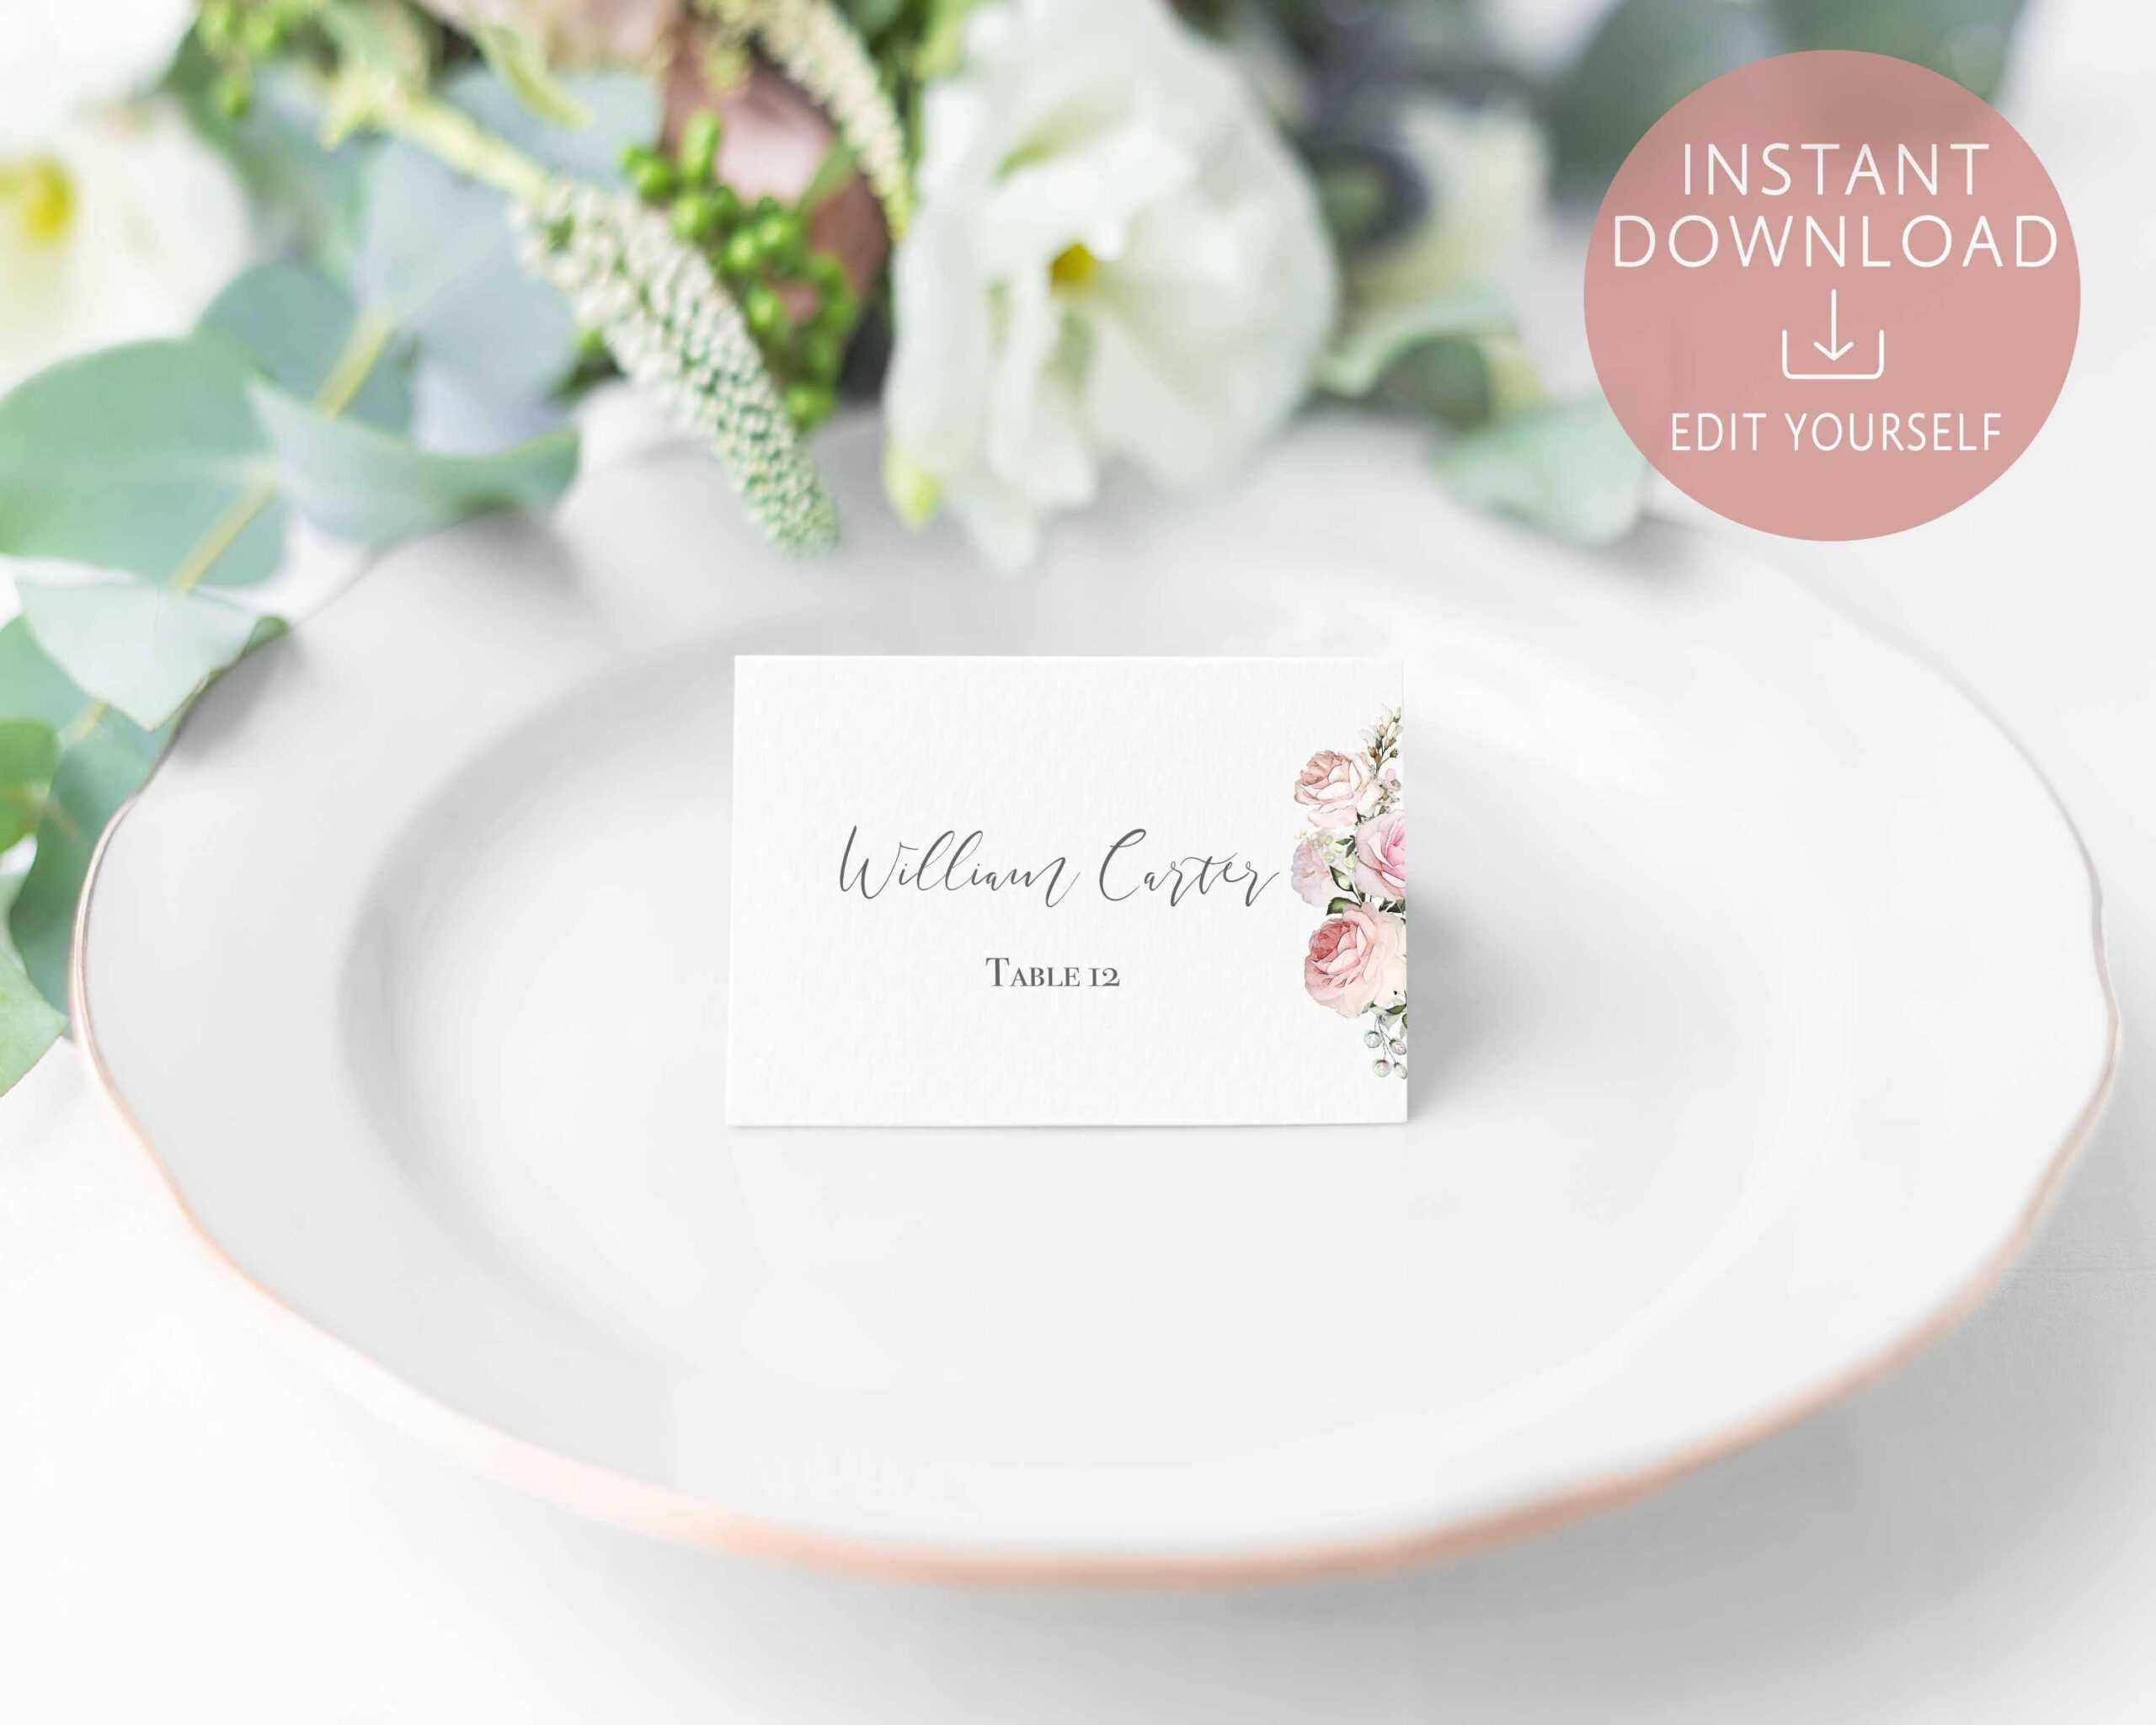 Wedding Place Cards Printable Editable Name Card Template For Table Name Card Template